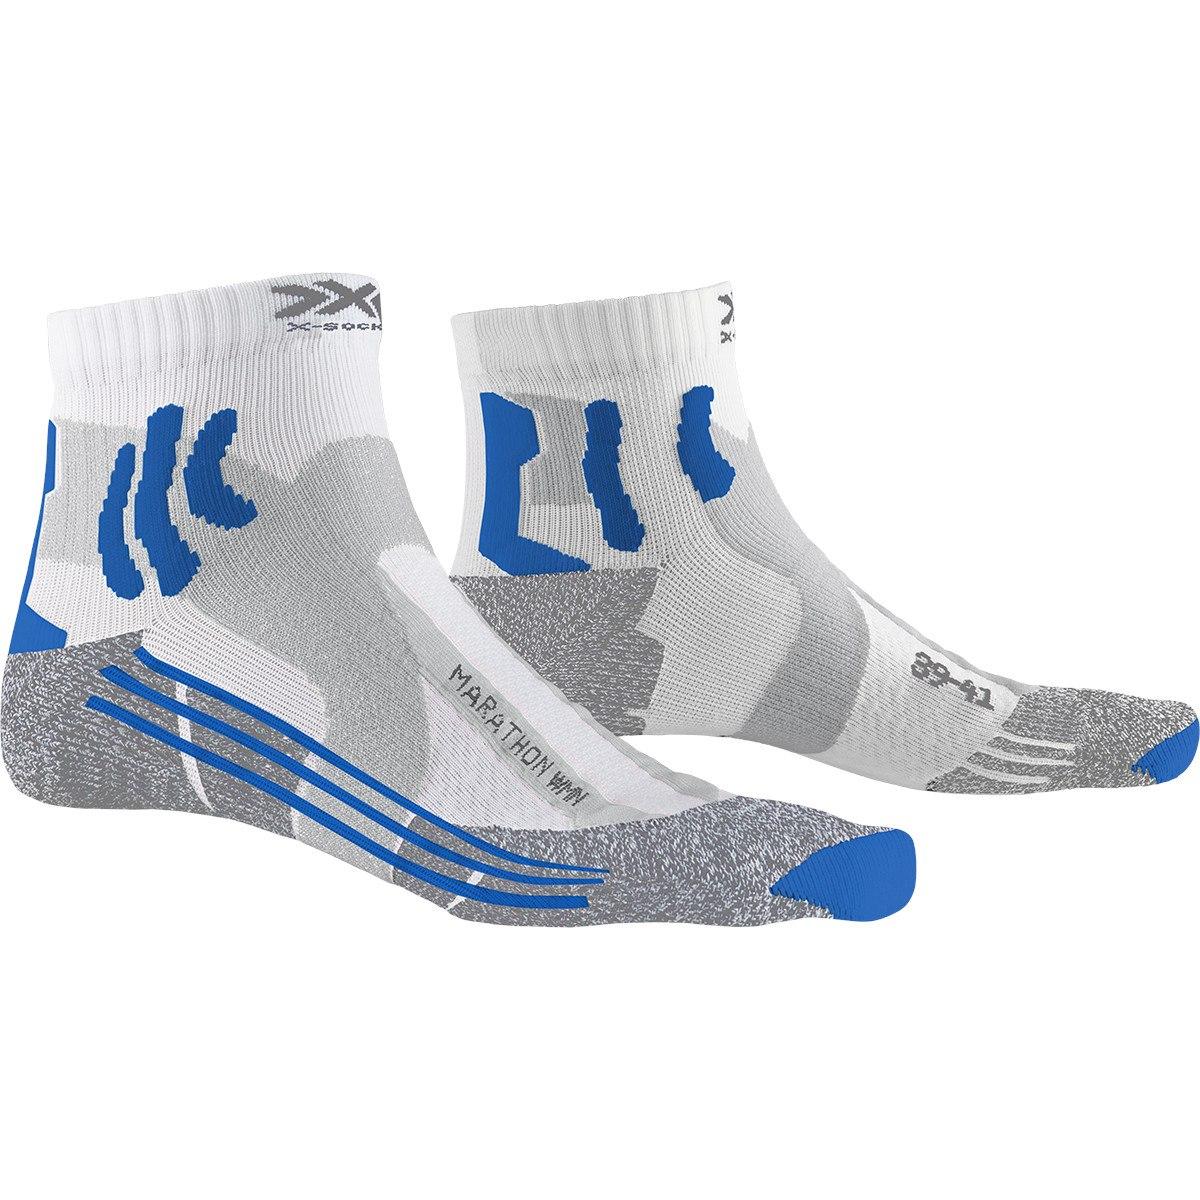 X-Socks Marathon Laufsocken für Damen - white/twyce blue/grey melange